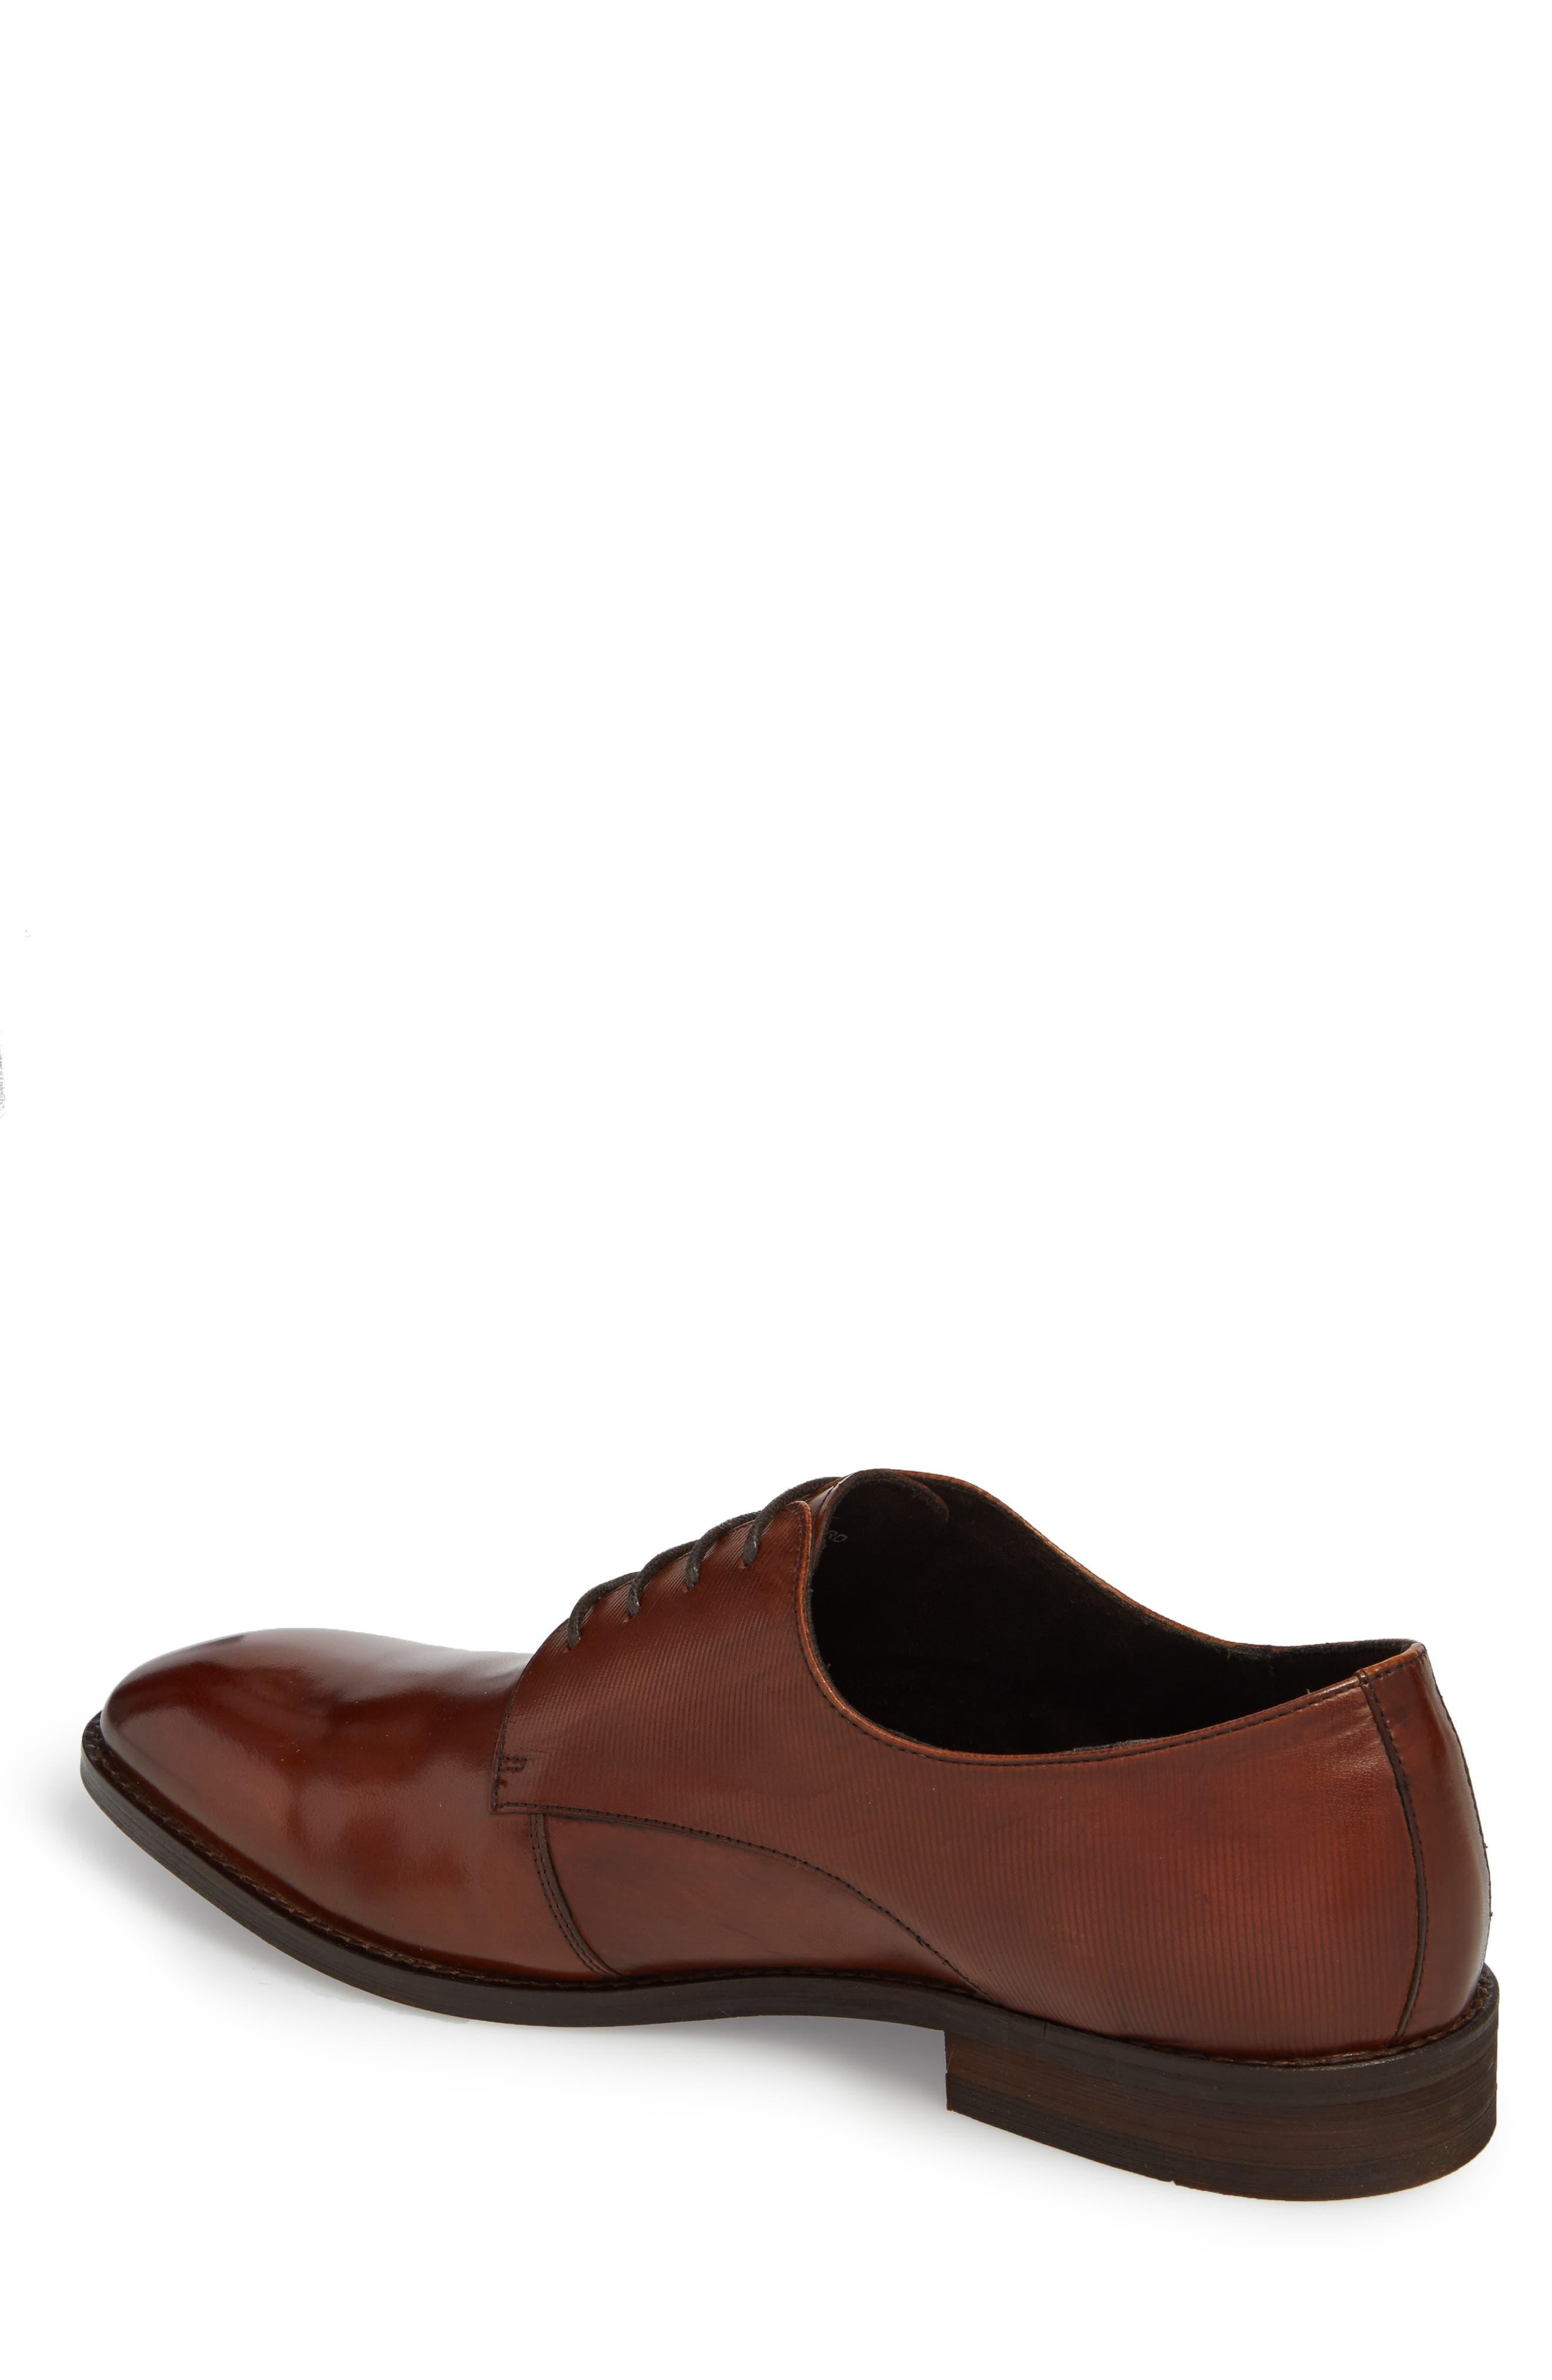 Courage Plain Toe Derby,                             Alternate thumbnail 2, color,                             Cognac Leather